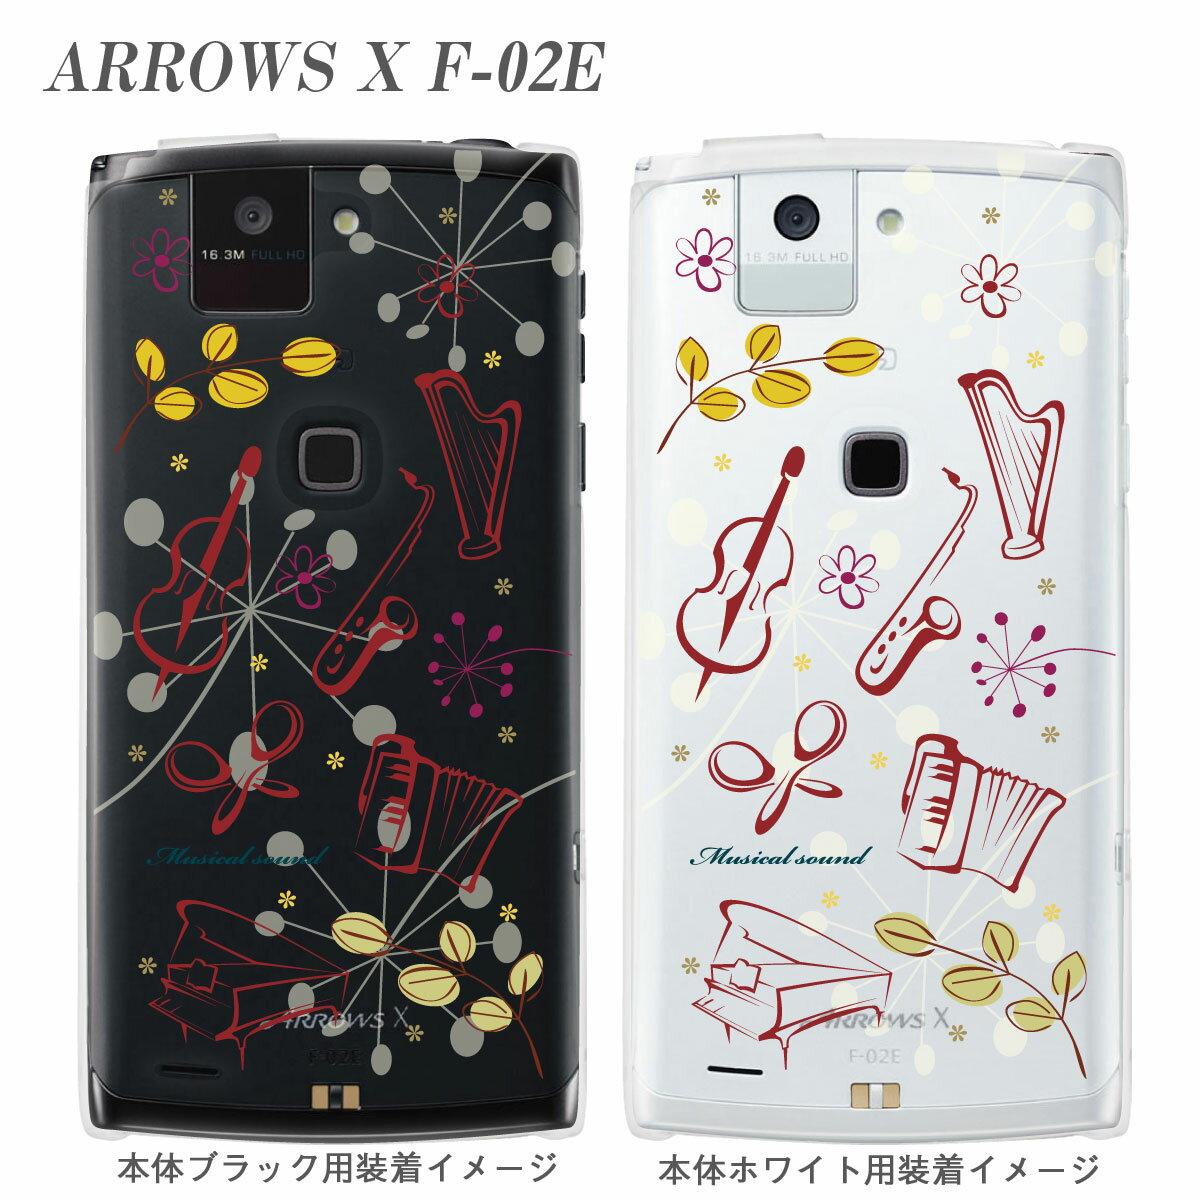 スマートフォン・携帯電話用アクセサリー, ケース・カバー ARROWS X F-02E 09-f02e-mu0015